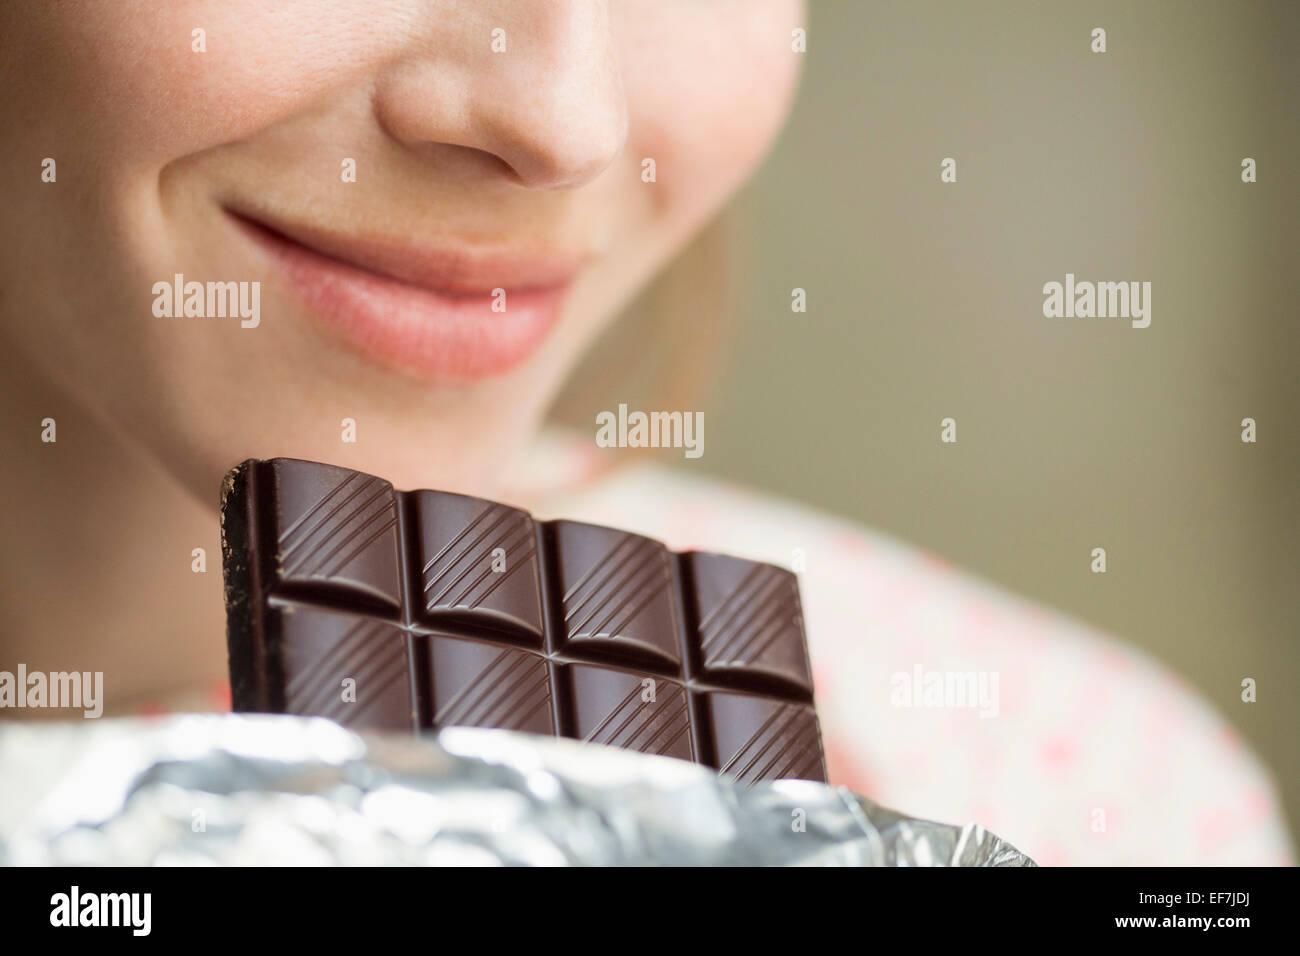 Mujer comiendo un chocolate Imagen De Stock